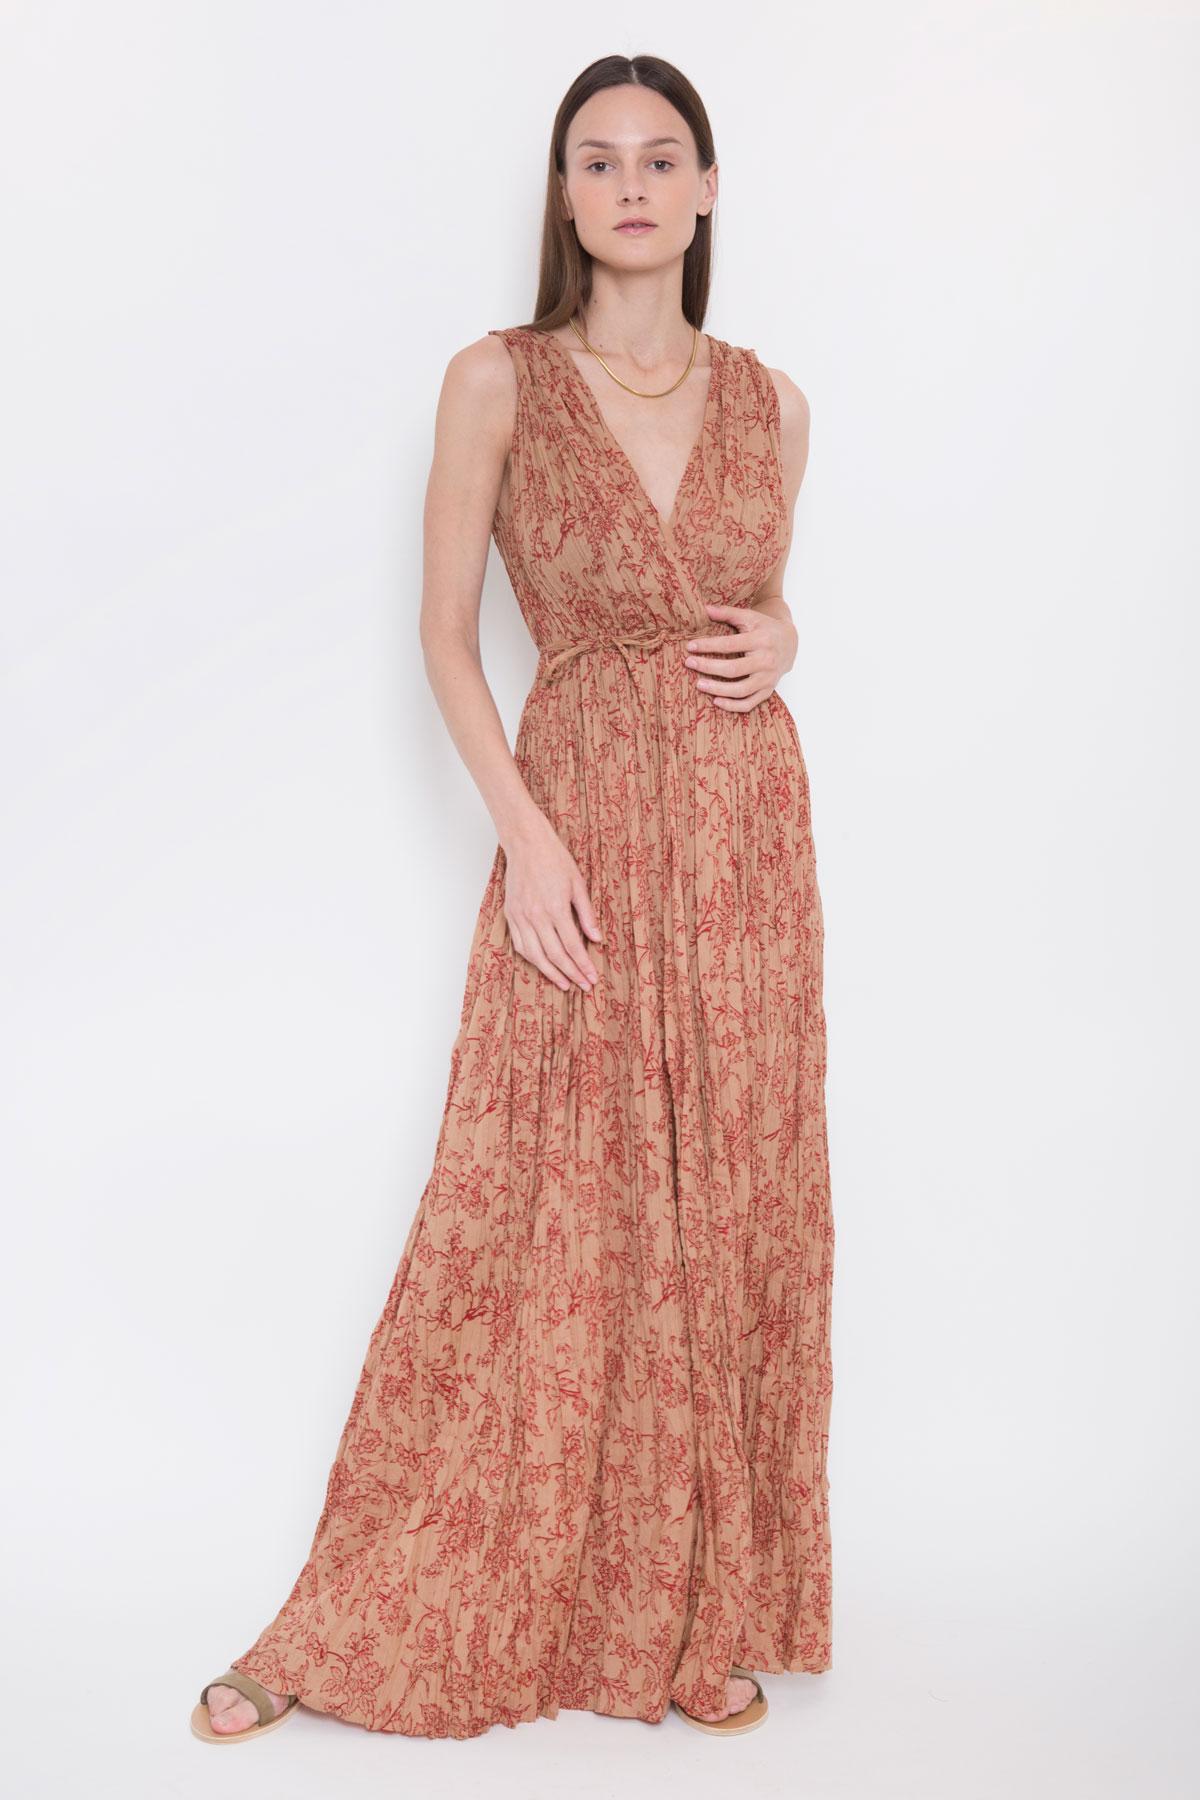 joconde-dress-mes-demoiselles-floral-long